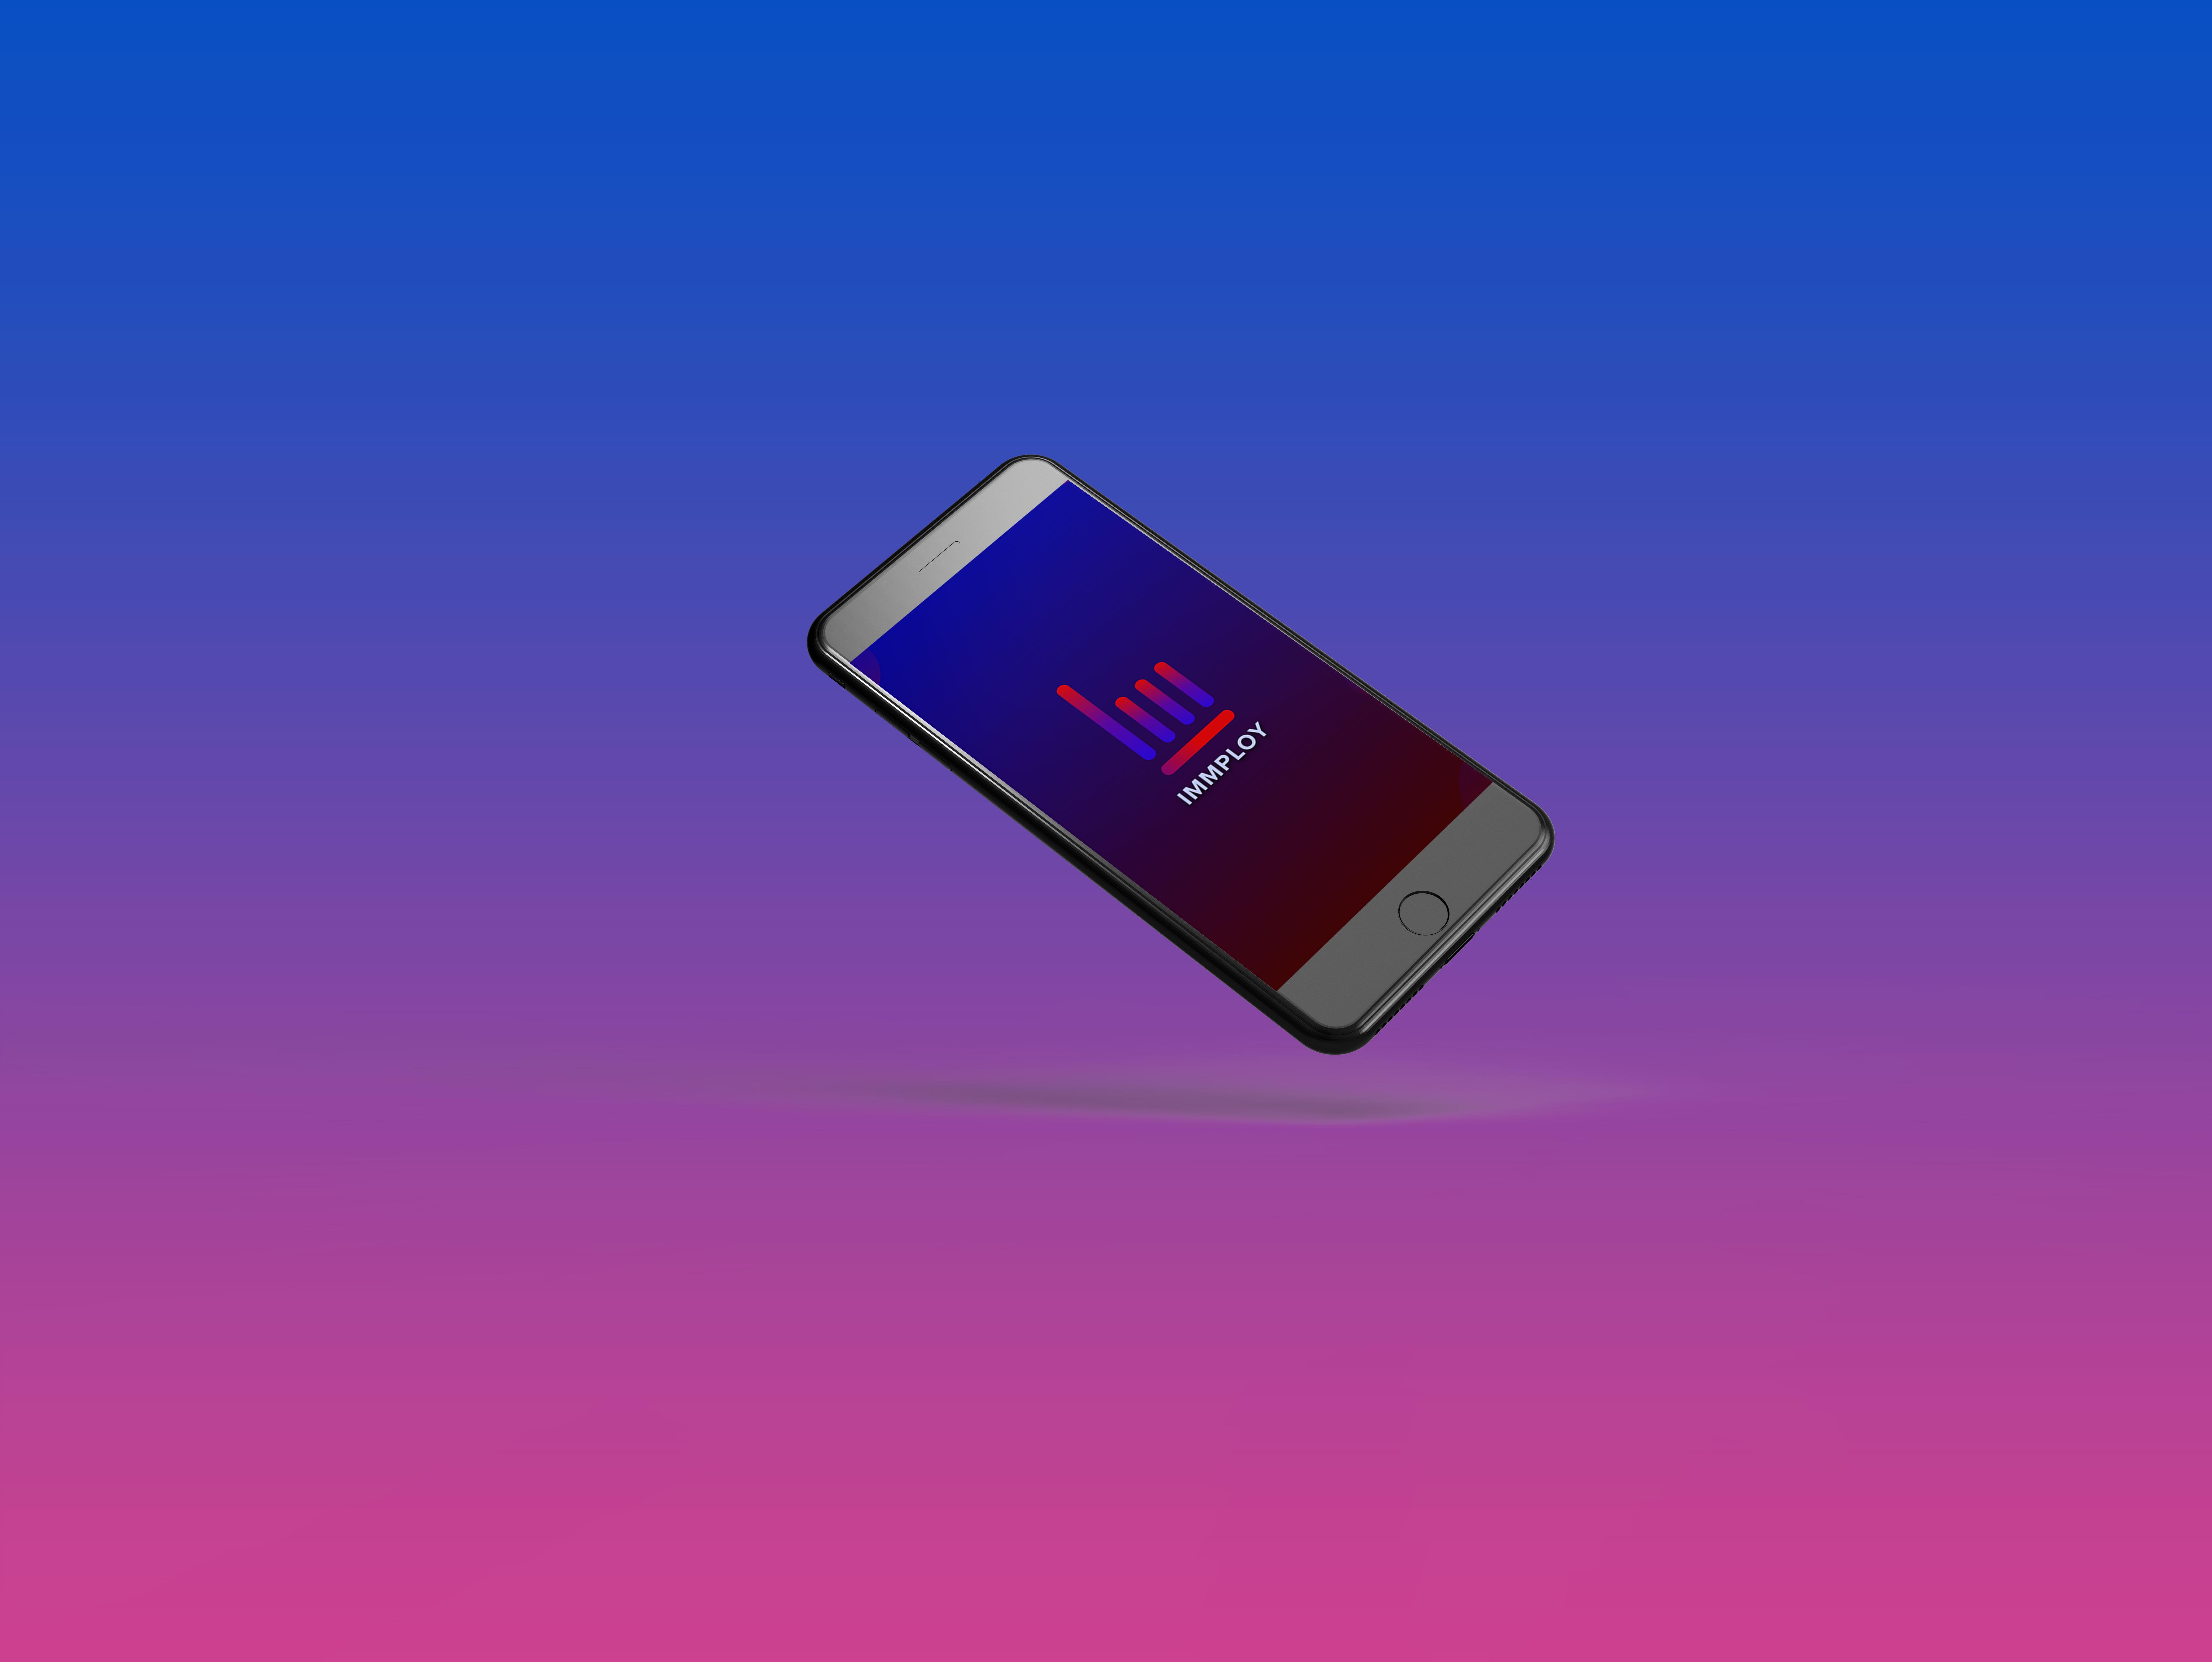 Splash Screen for Immploy App